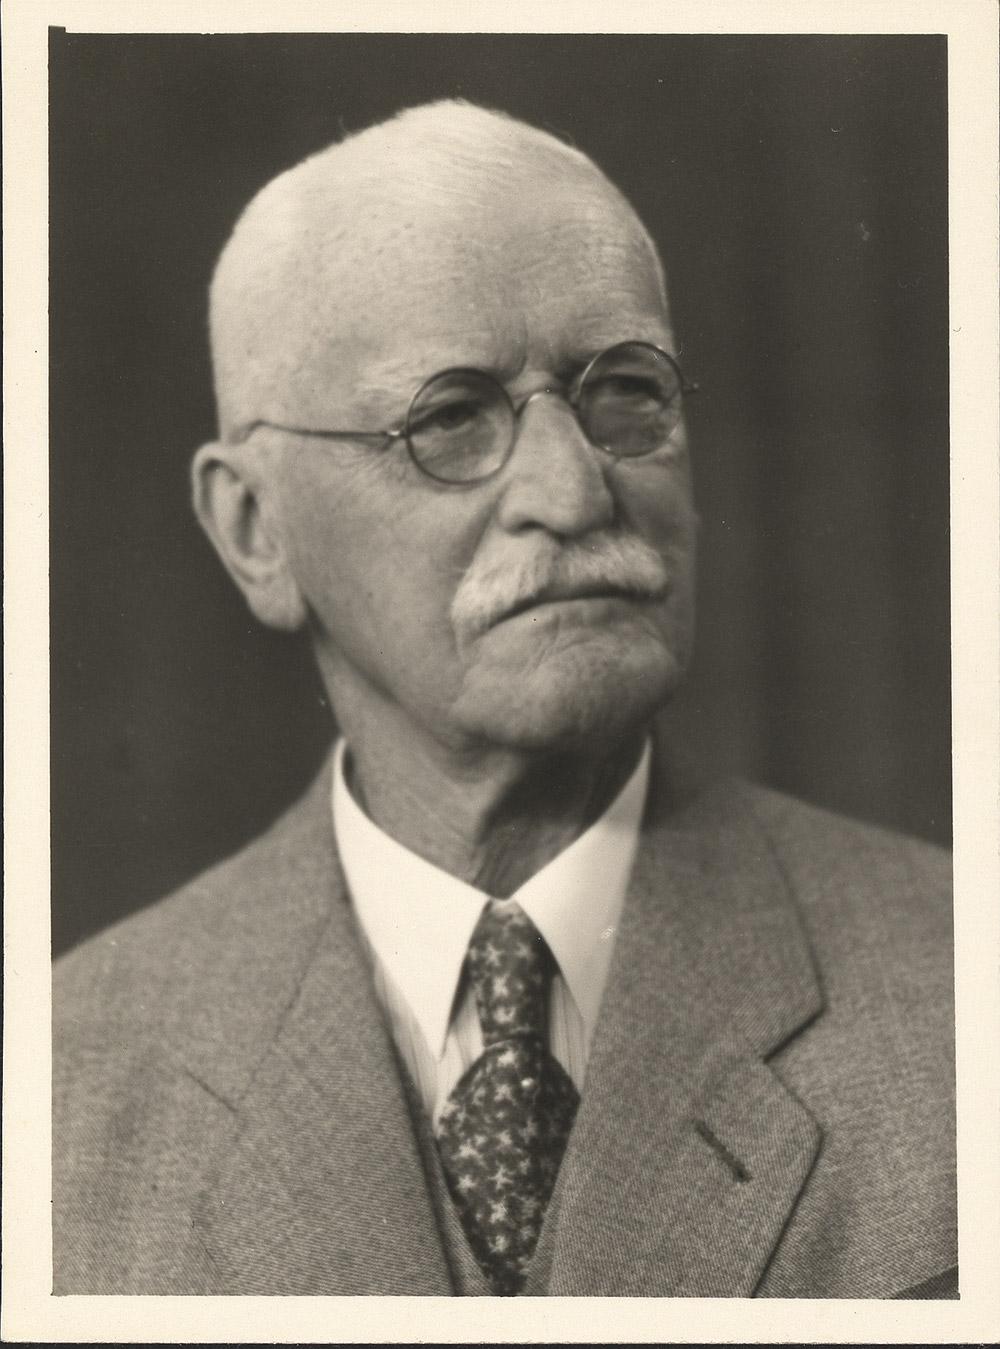 PaulFiebig